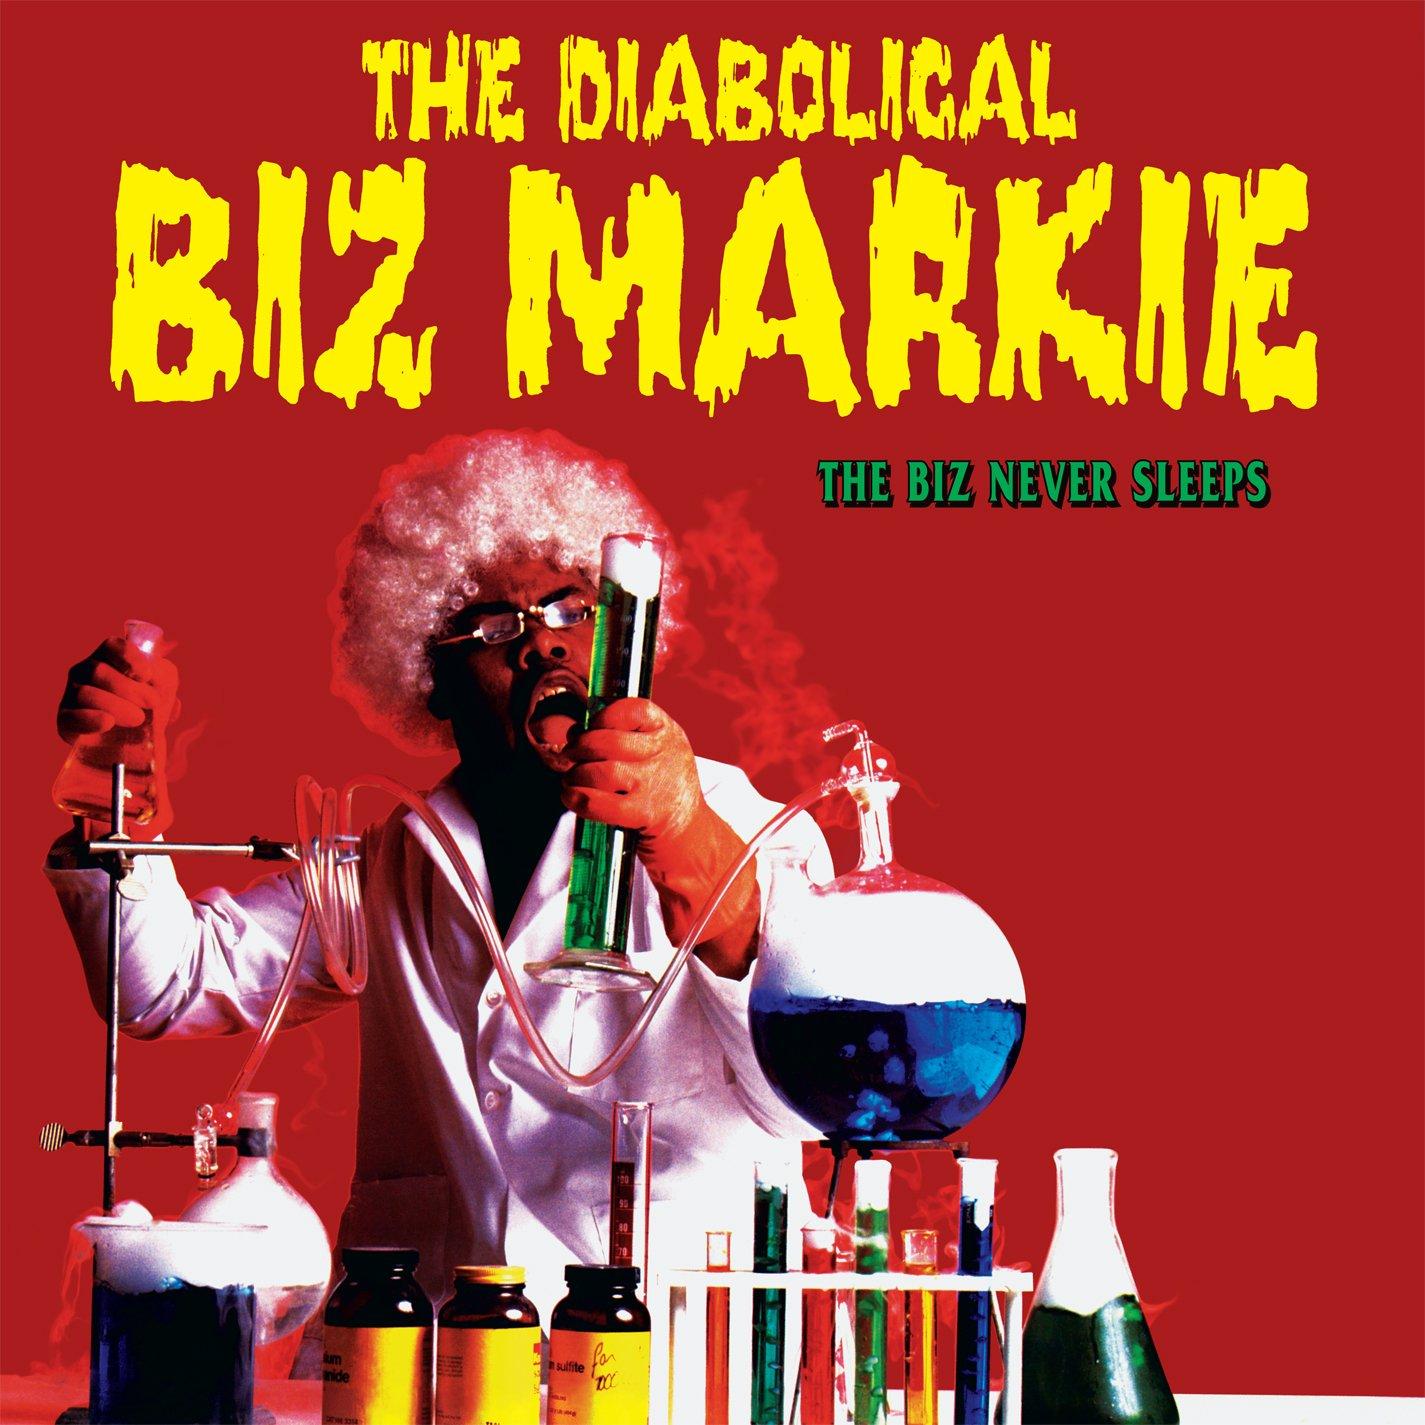 Biz Markie The Biz Never Sleeps Amazon Music